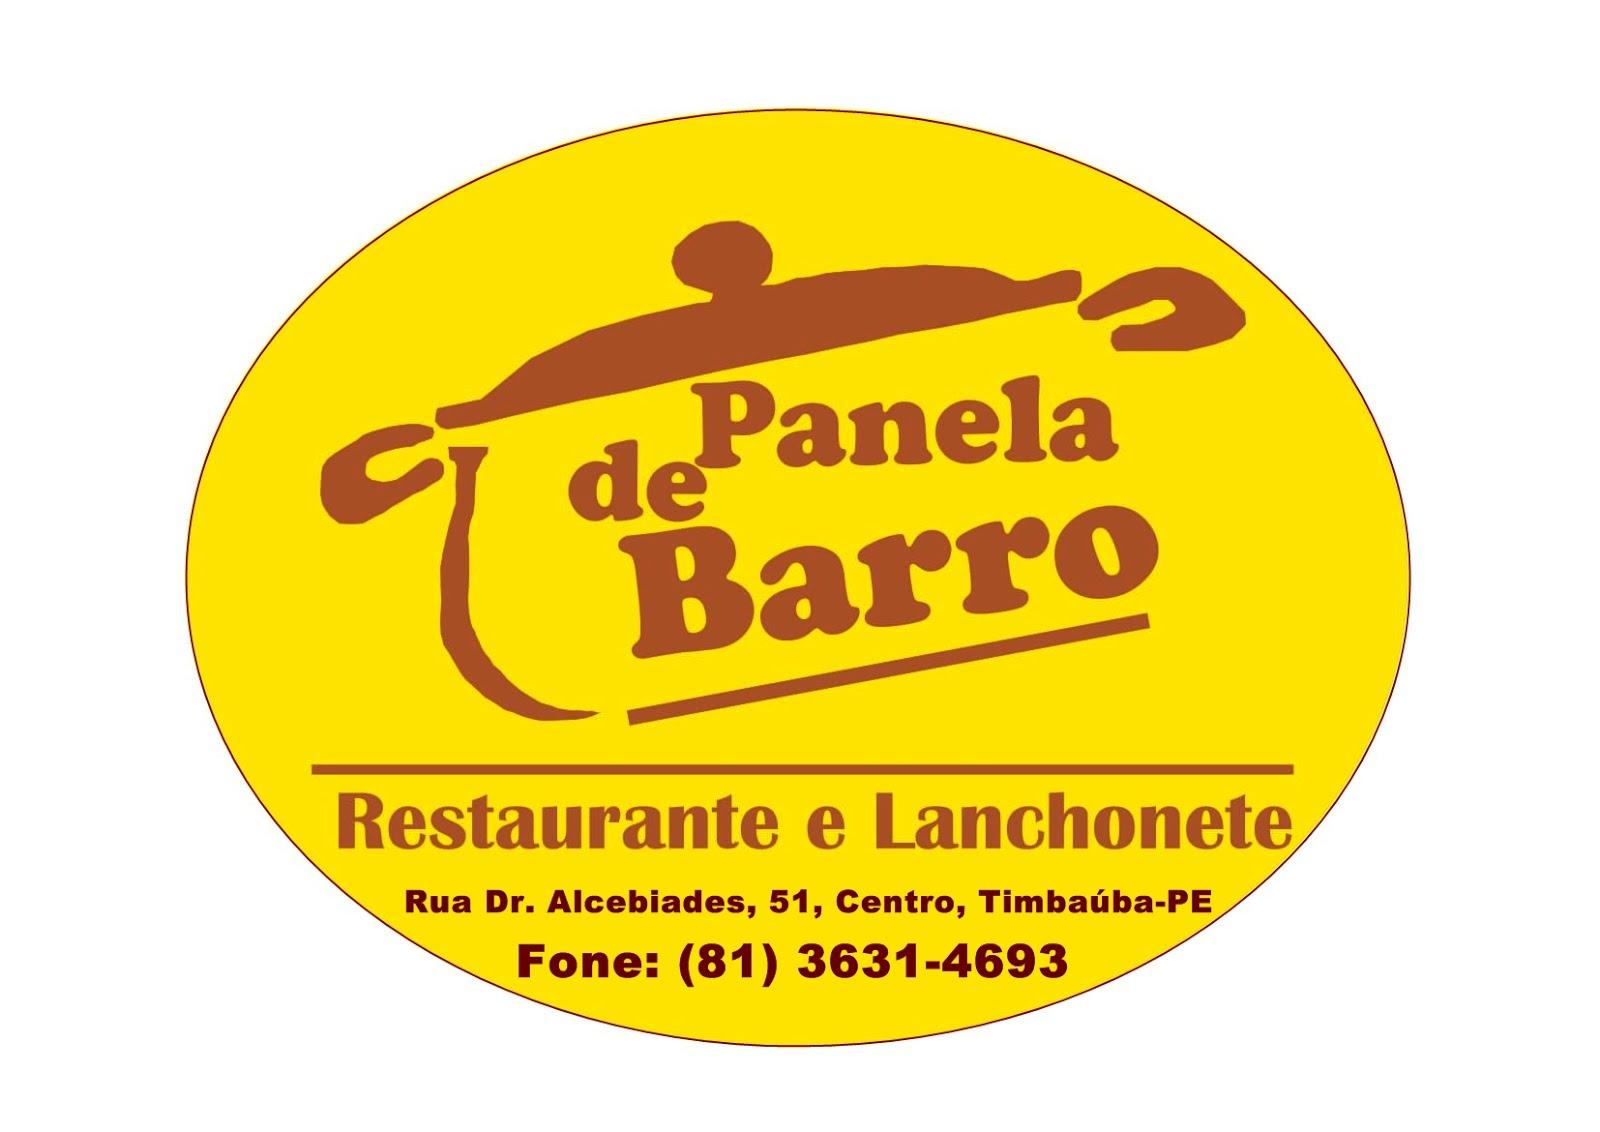 Restaurante e Lanchonte Panela de Barro, Rua Dr. Alcebíades, Centro de Timbaúba